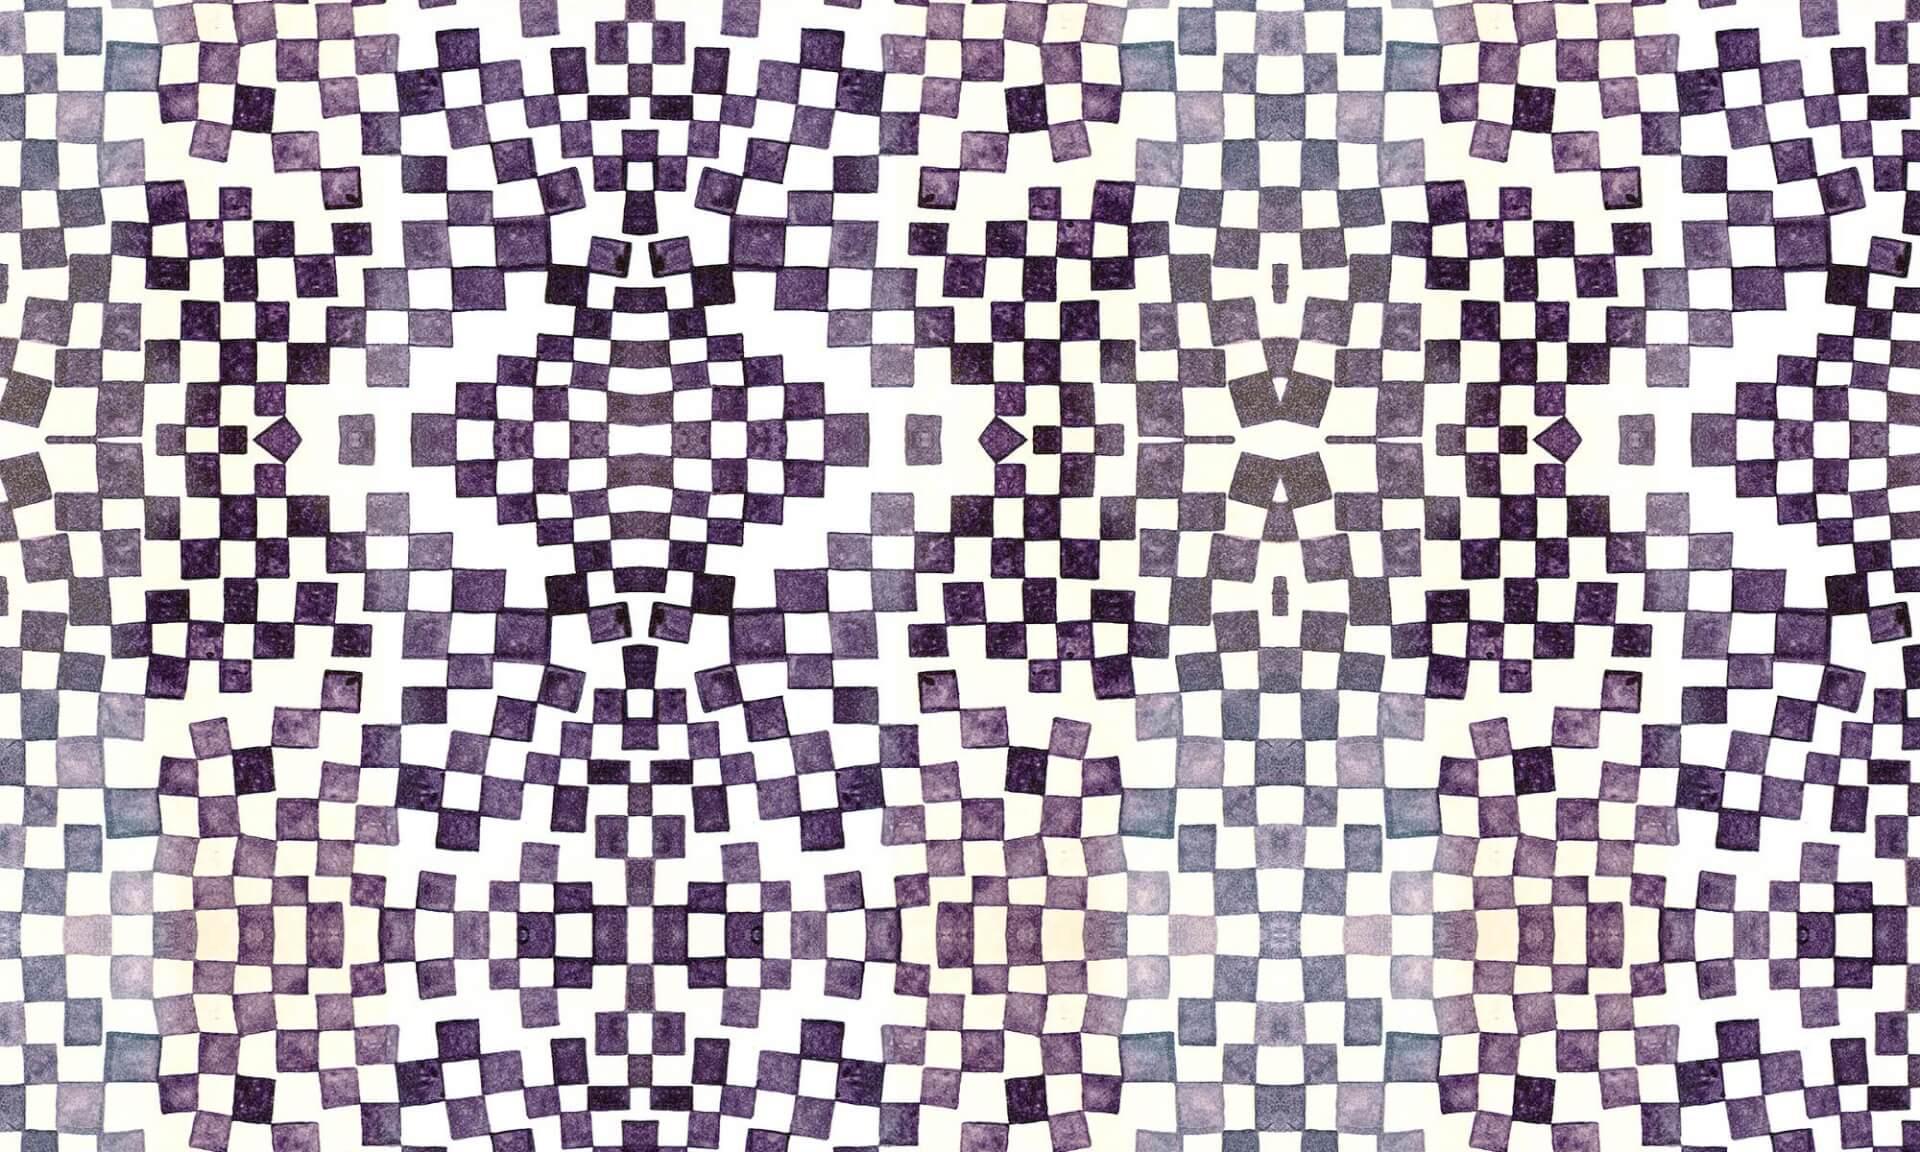 Checkers (DE9022) Doug Garrabrants